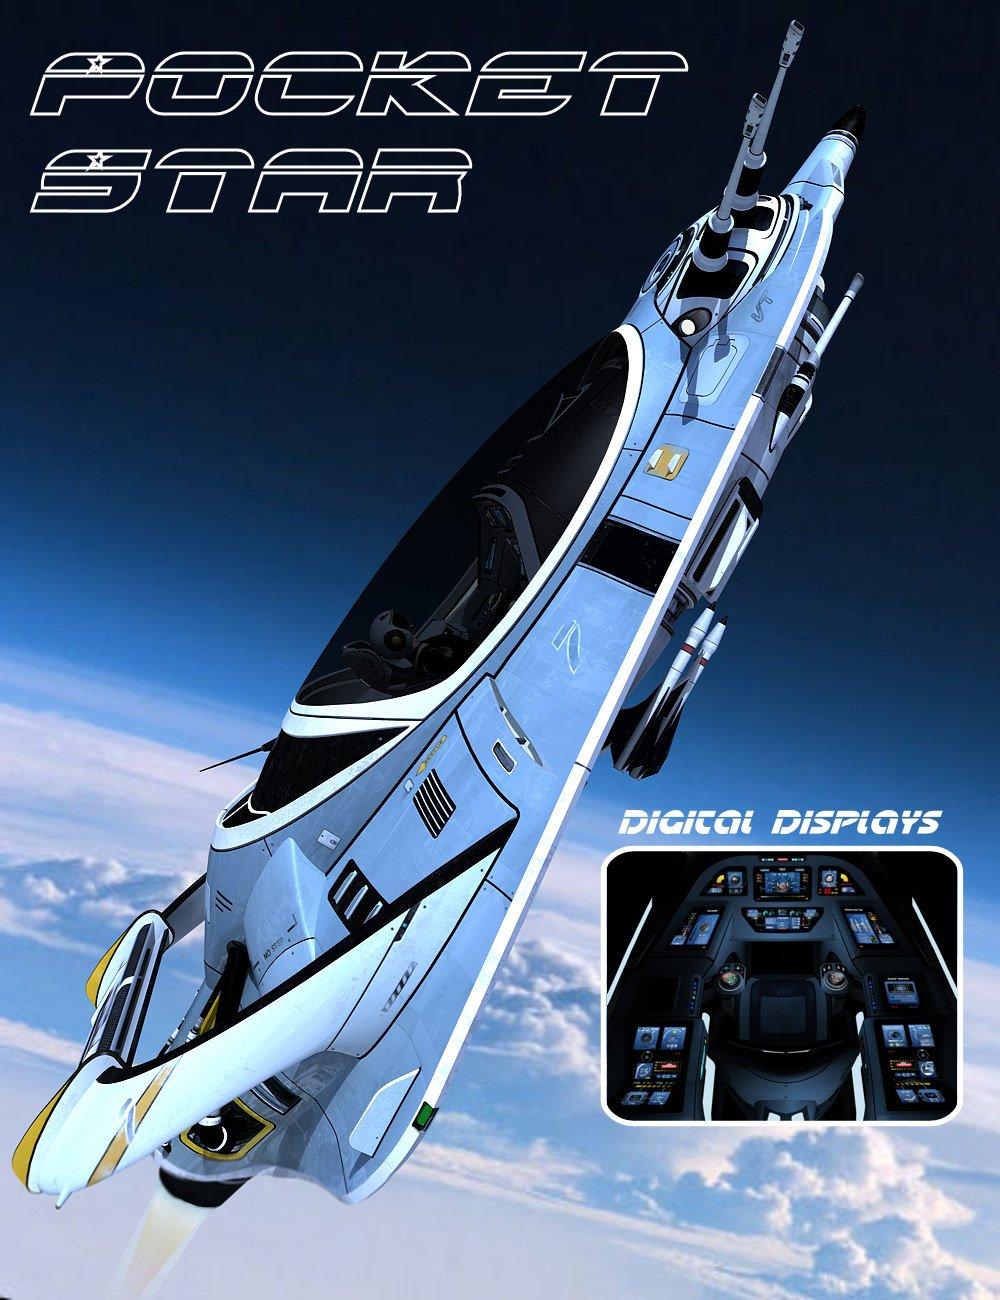 Pocket Star by: Kibarreto, 3D Models by Daz 3D